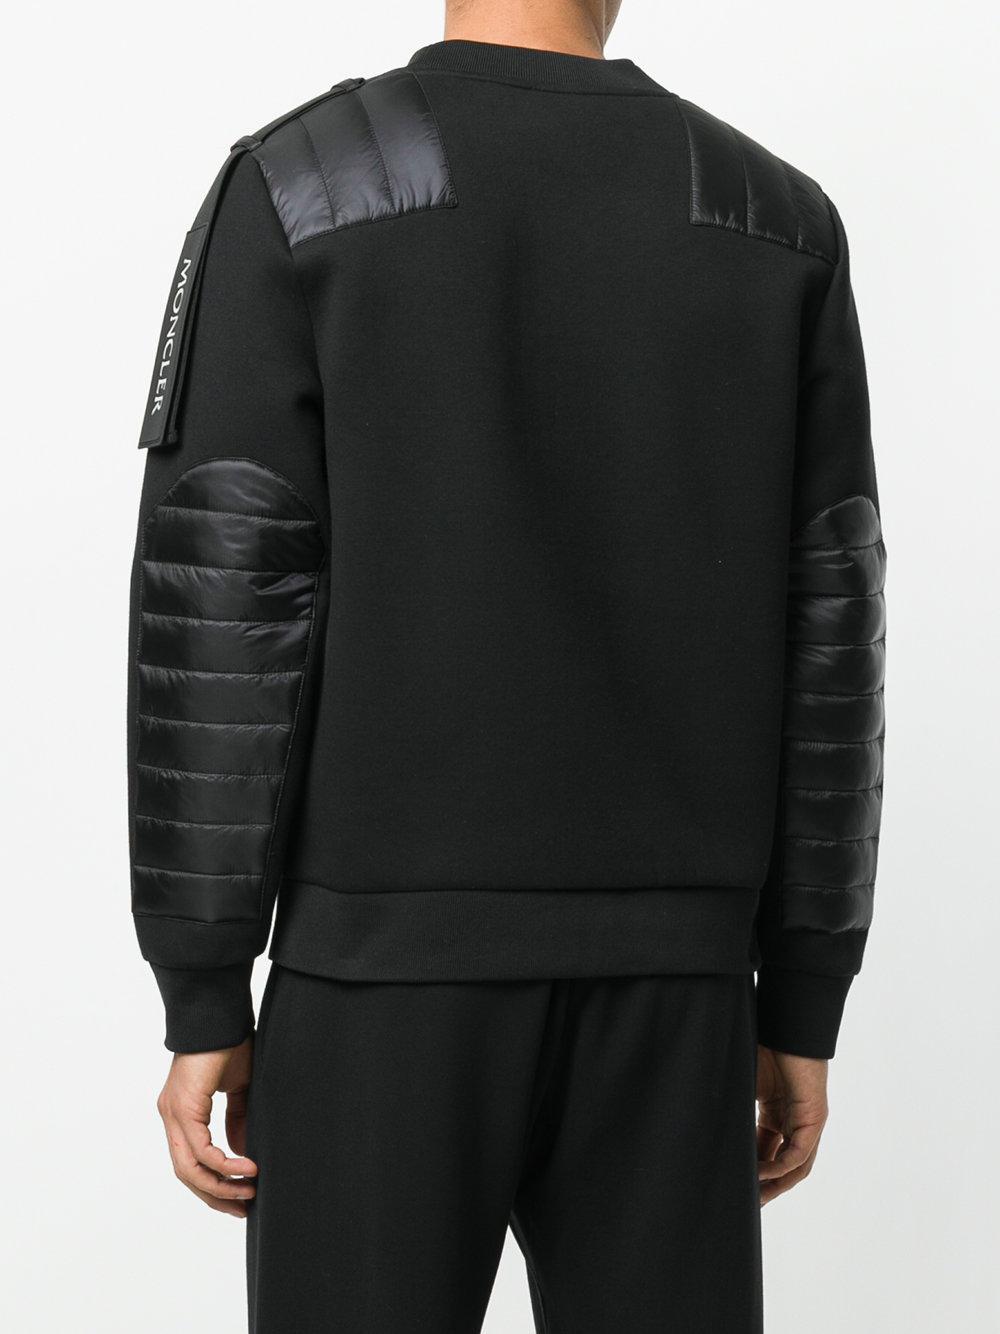 Moncler Wool Shoulder Panel Jumper in Black for Men